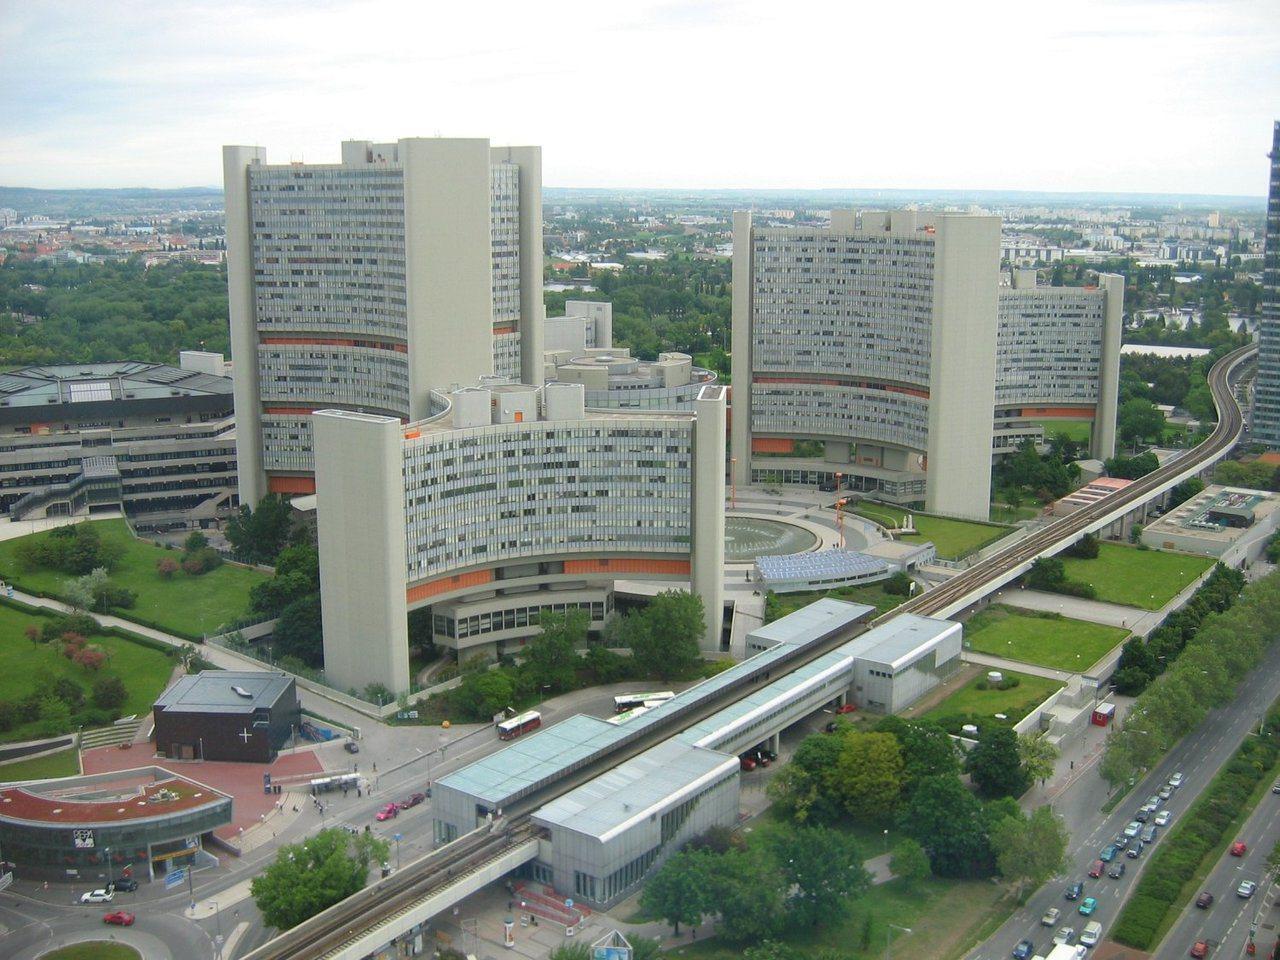 聯合國維也納辦事處。圖/取自維基百科